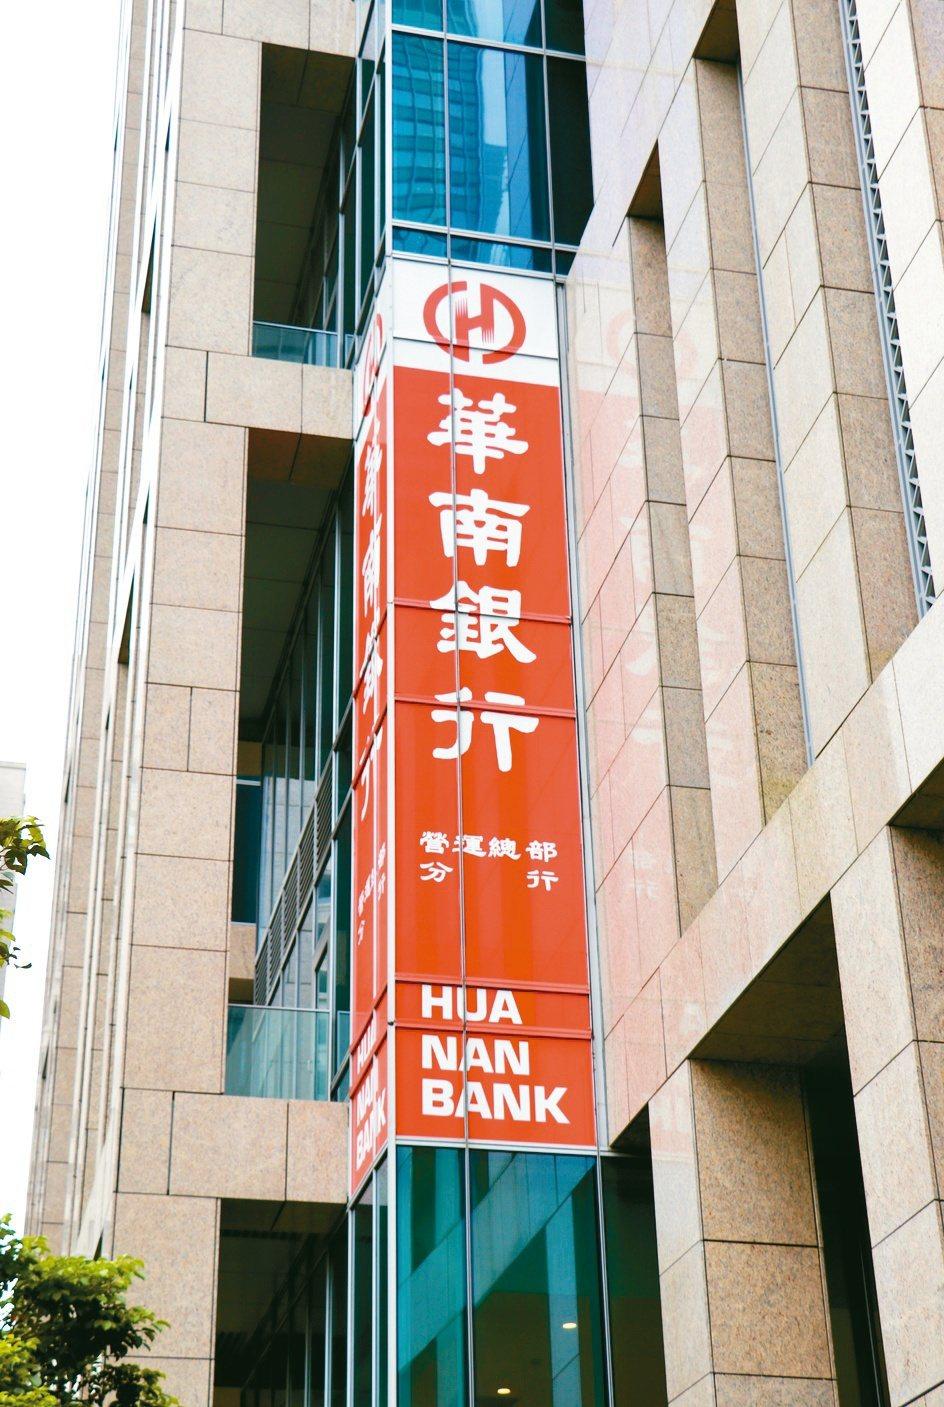 華南銀行配合政府新南向政策,並積極拓展海外業務,透過在地化經營,提供更優質的跨境...